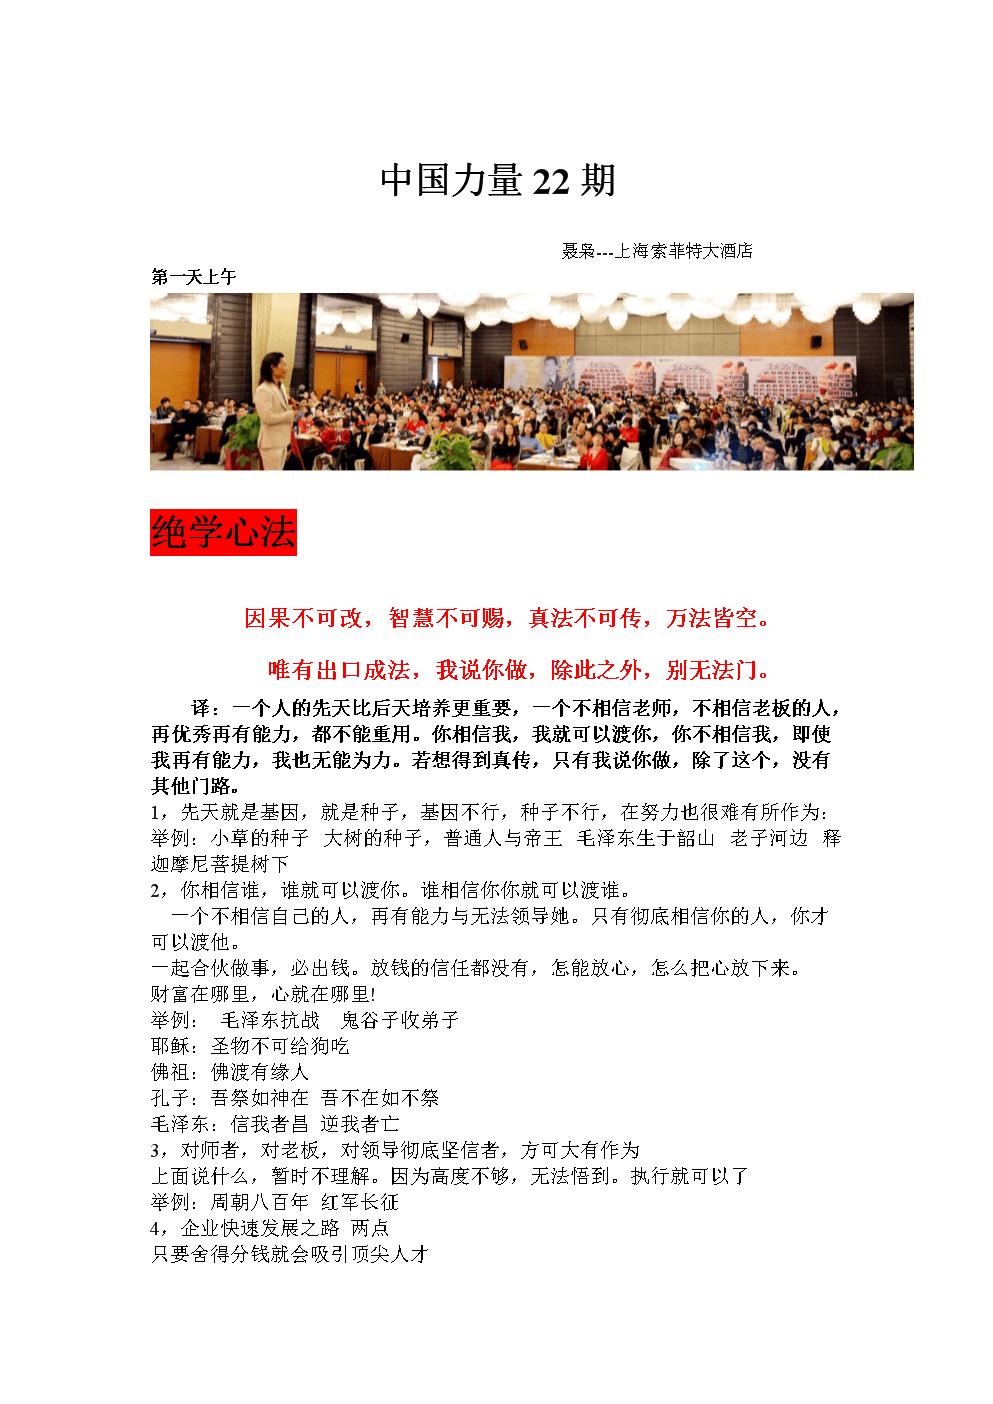 中国力量精华笔记.docx